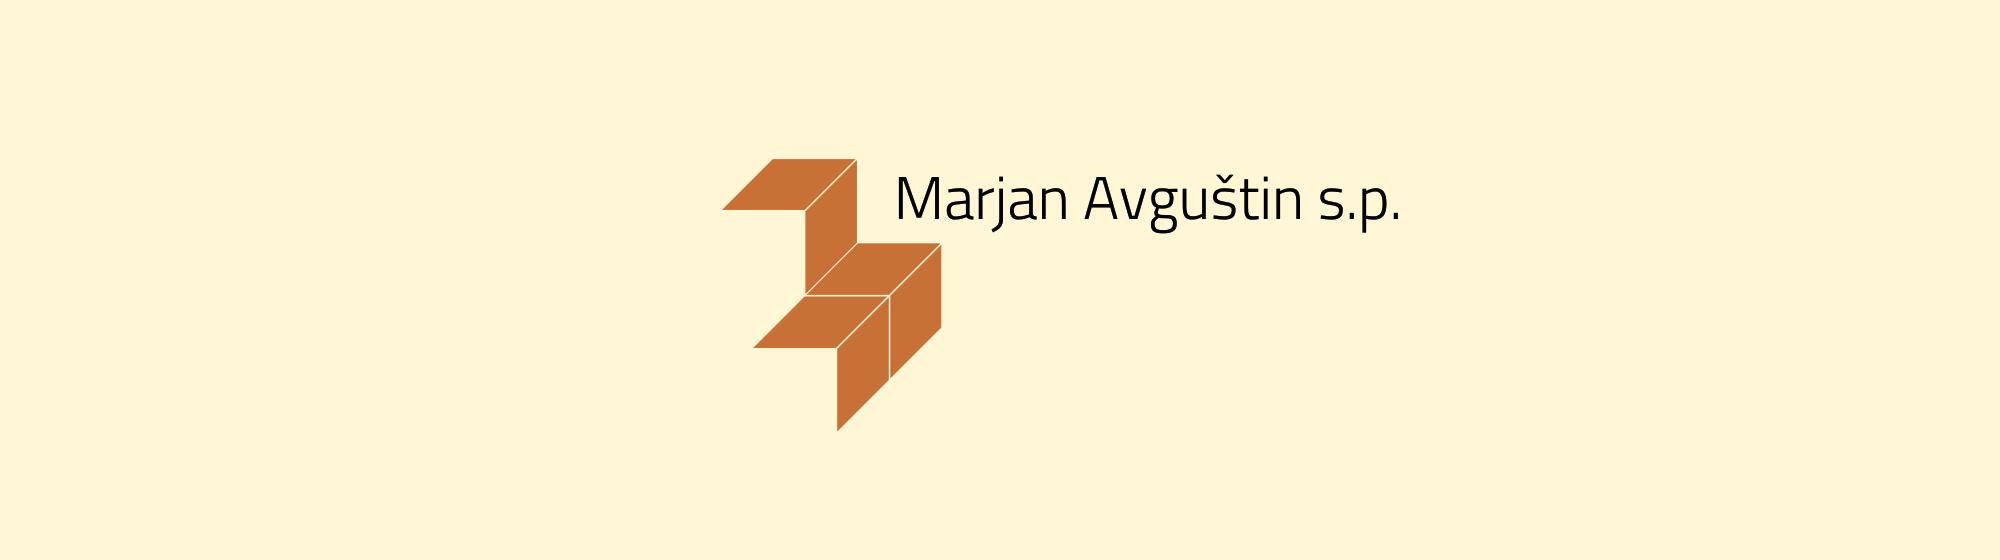 Marjan_Avgustin_slider1